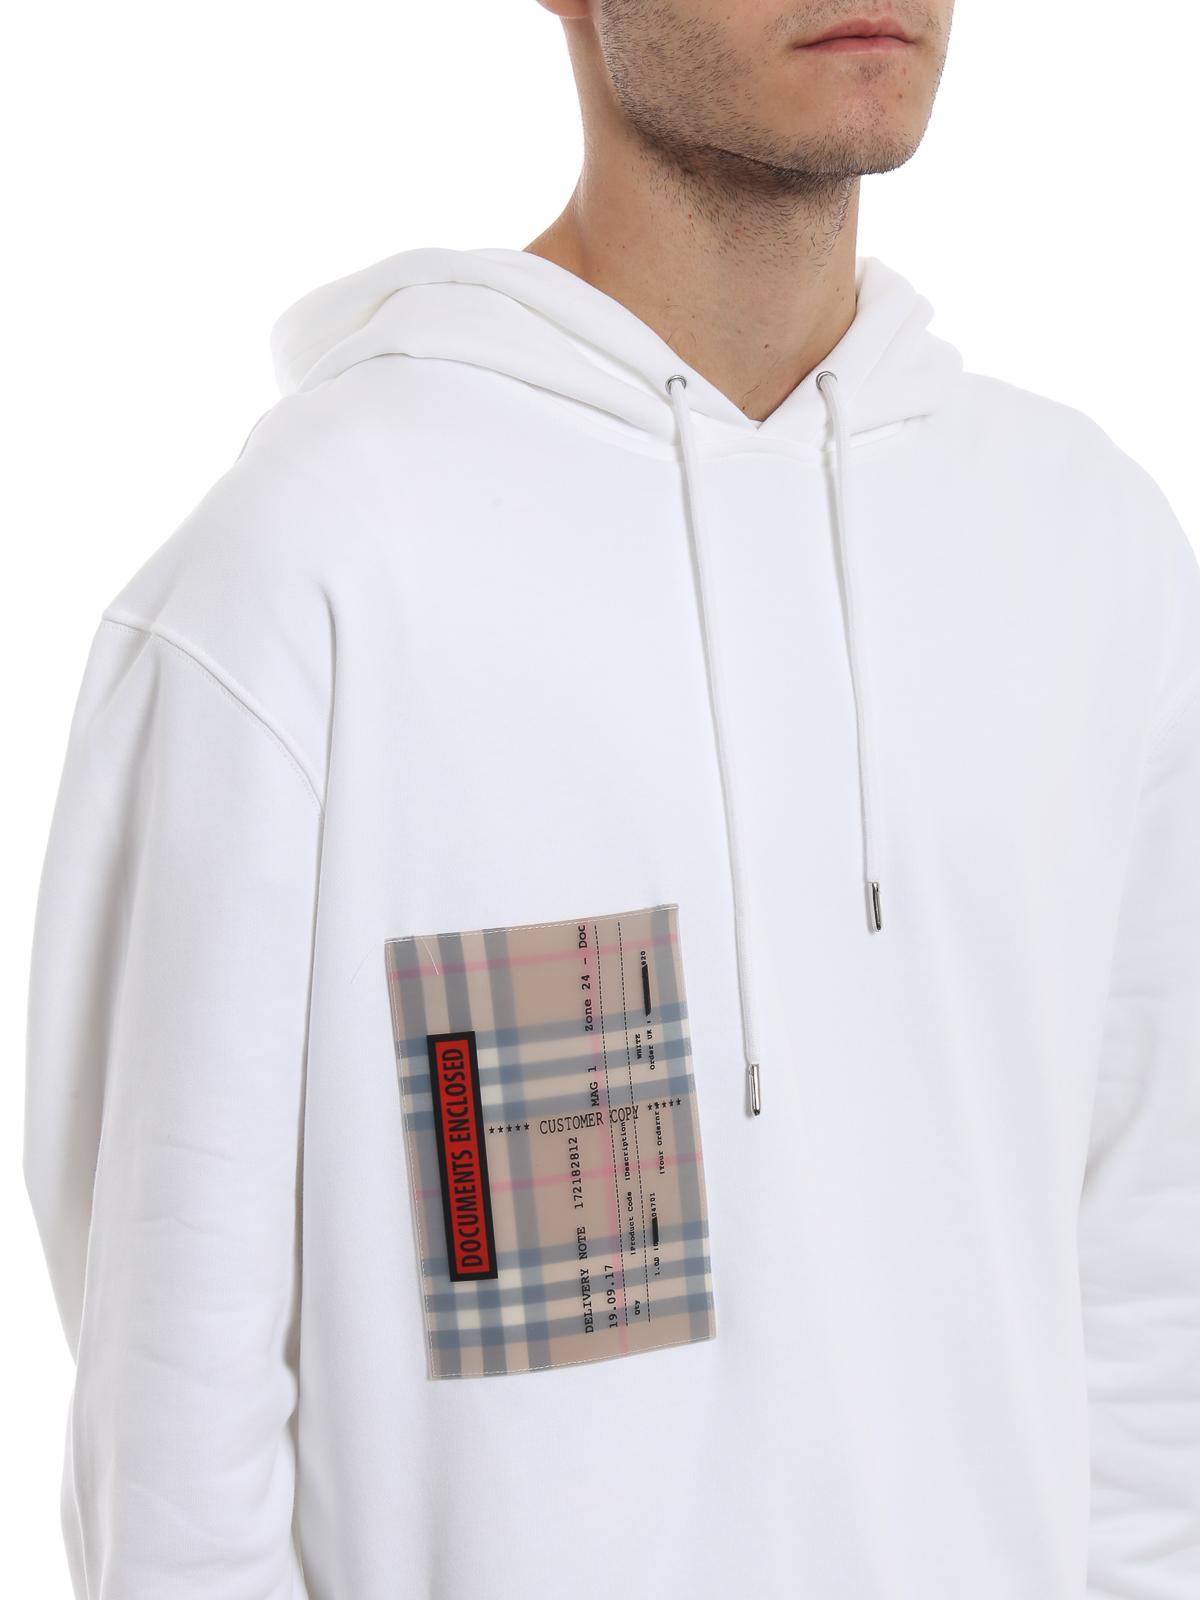 Sonderverkäufe 100% Zufriedenheitsgarantie Schnäppchen für Mode Burberry - Sweatshirt - Weiß - Sweatshirts und Pullover ...